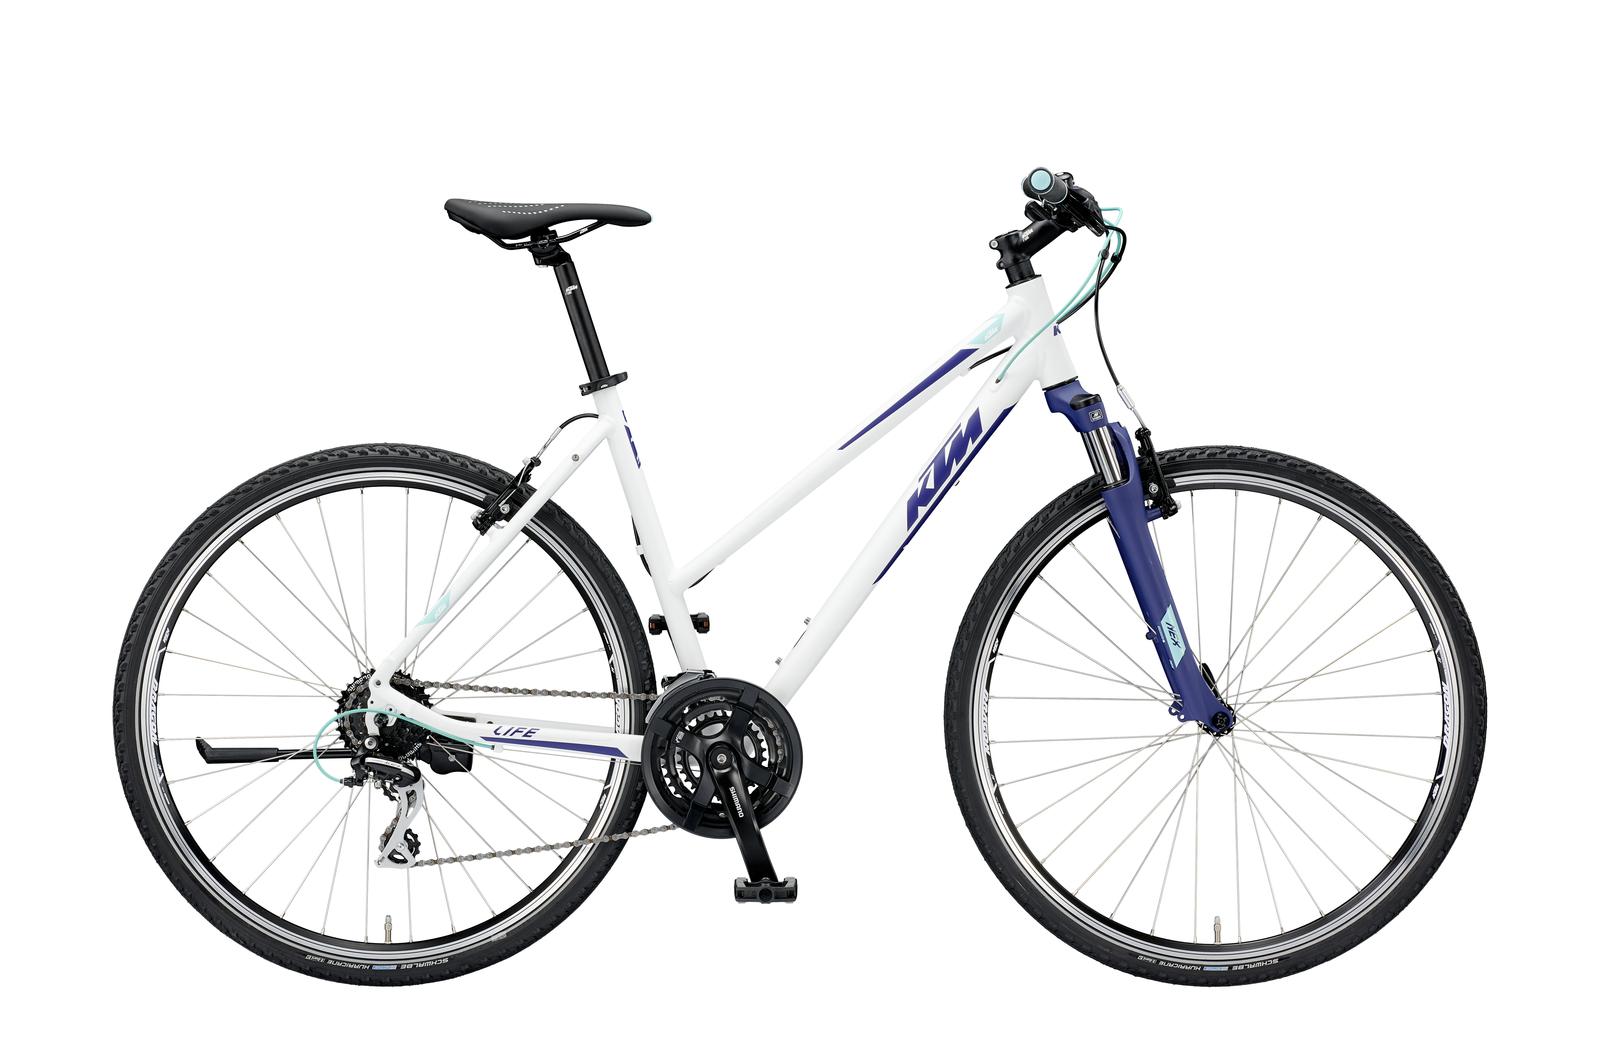 0203ad40cff5 KTM LIFE ONE 24 2019 női Cross Kerékpár   női   Kerépár Webshop   Akciós  kerékpárok